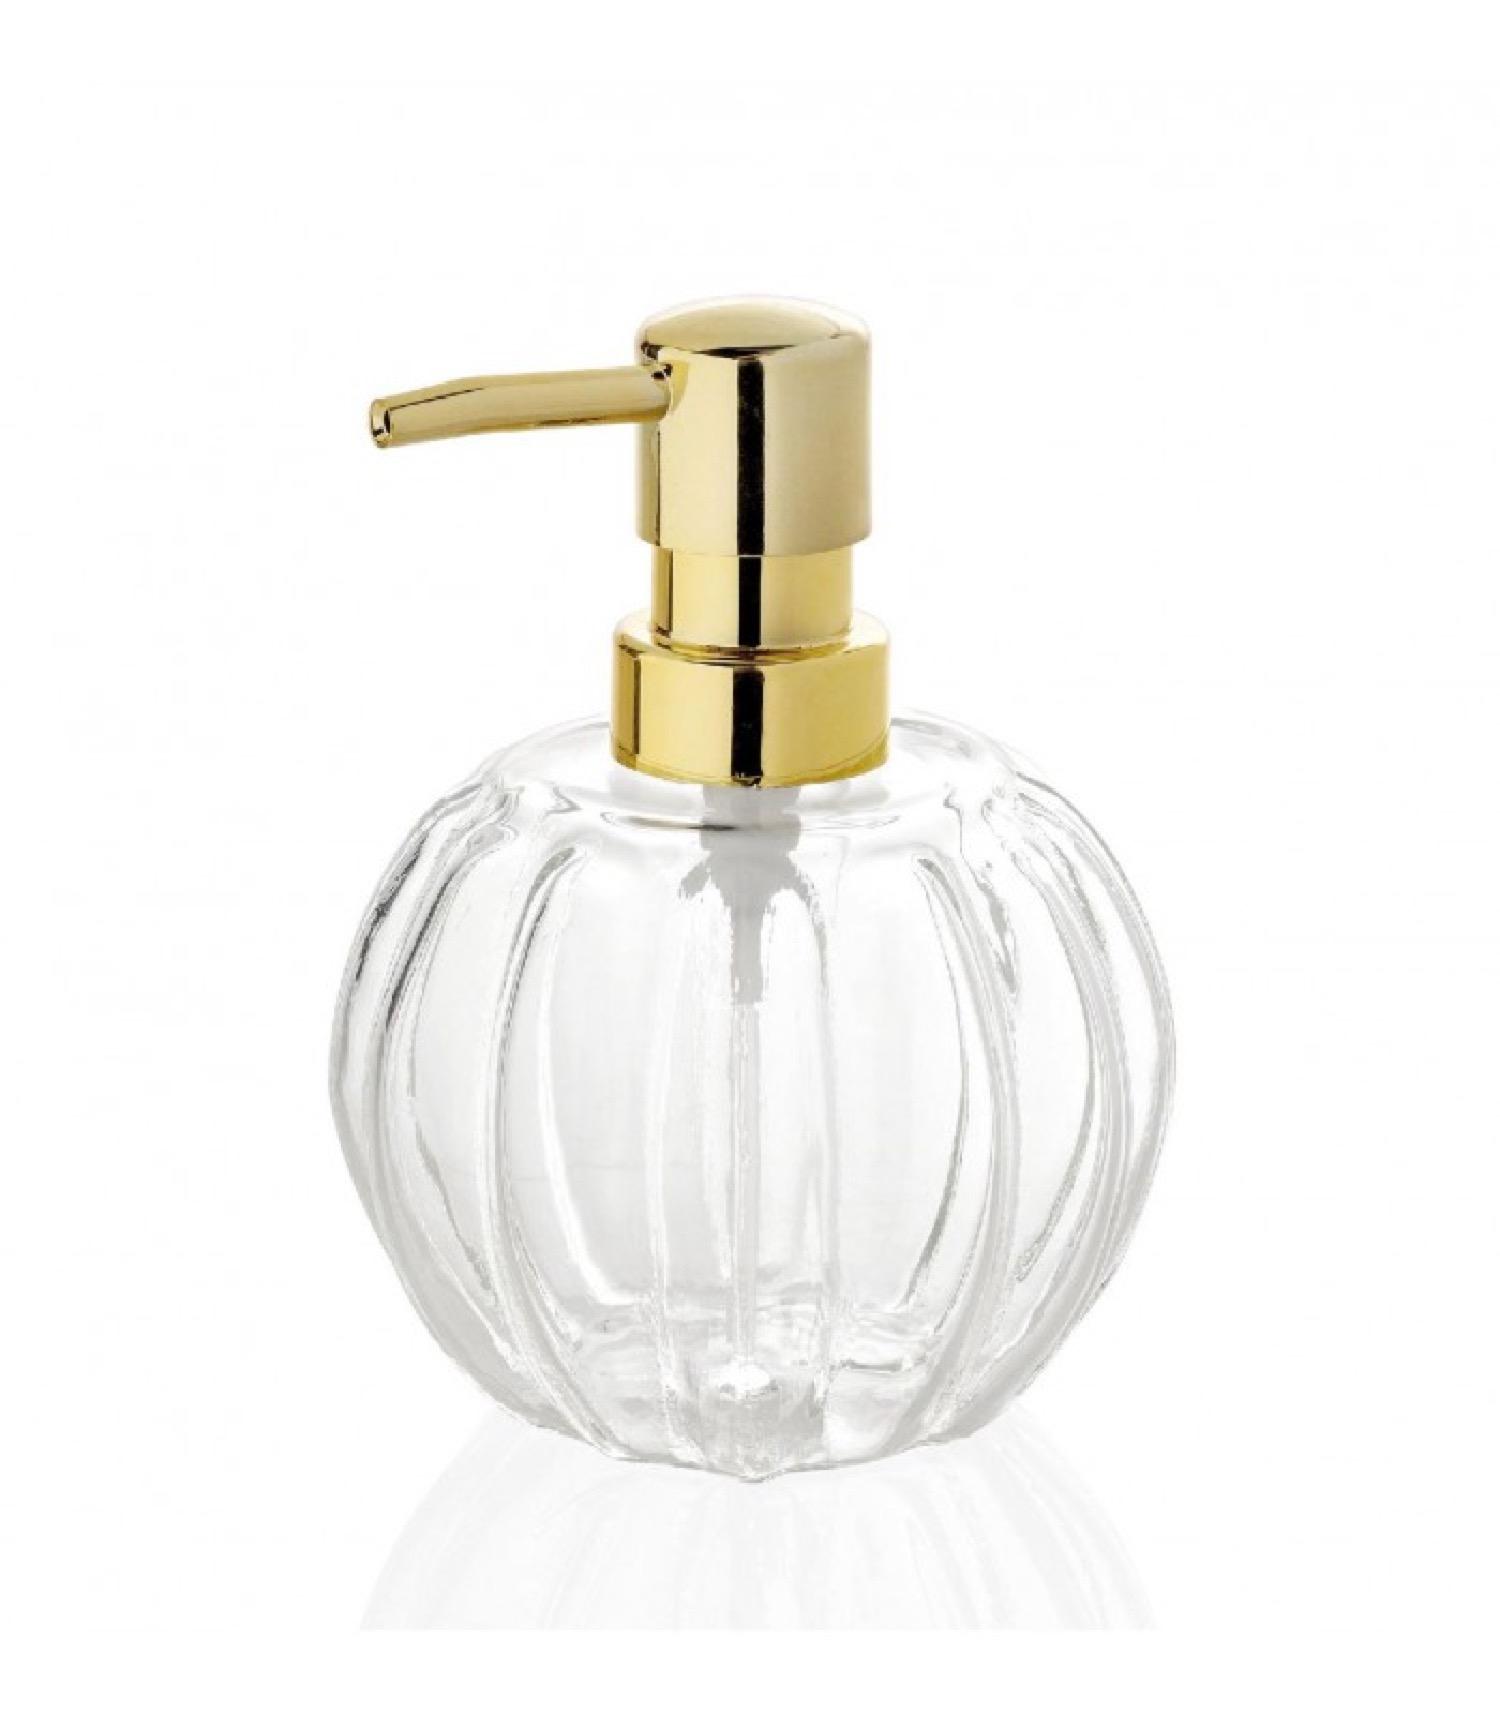 Distributeur de savon en verre et métal doré